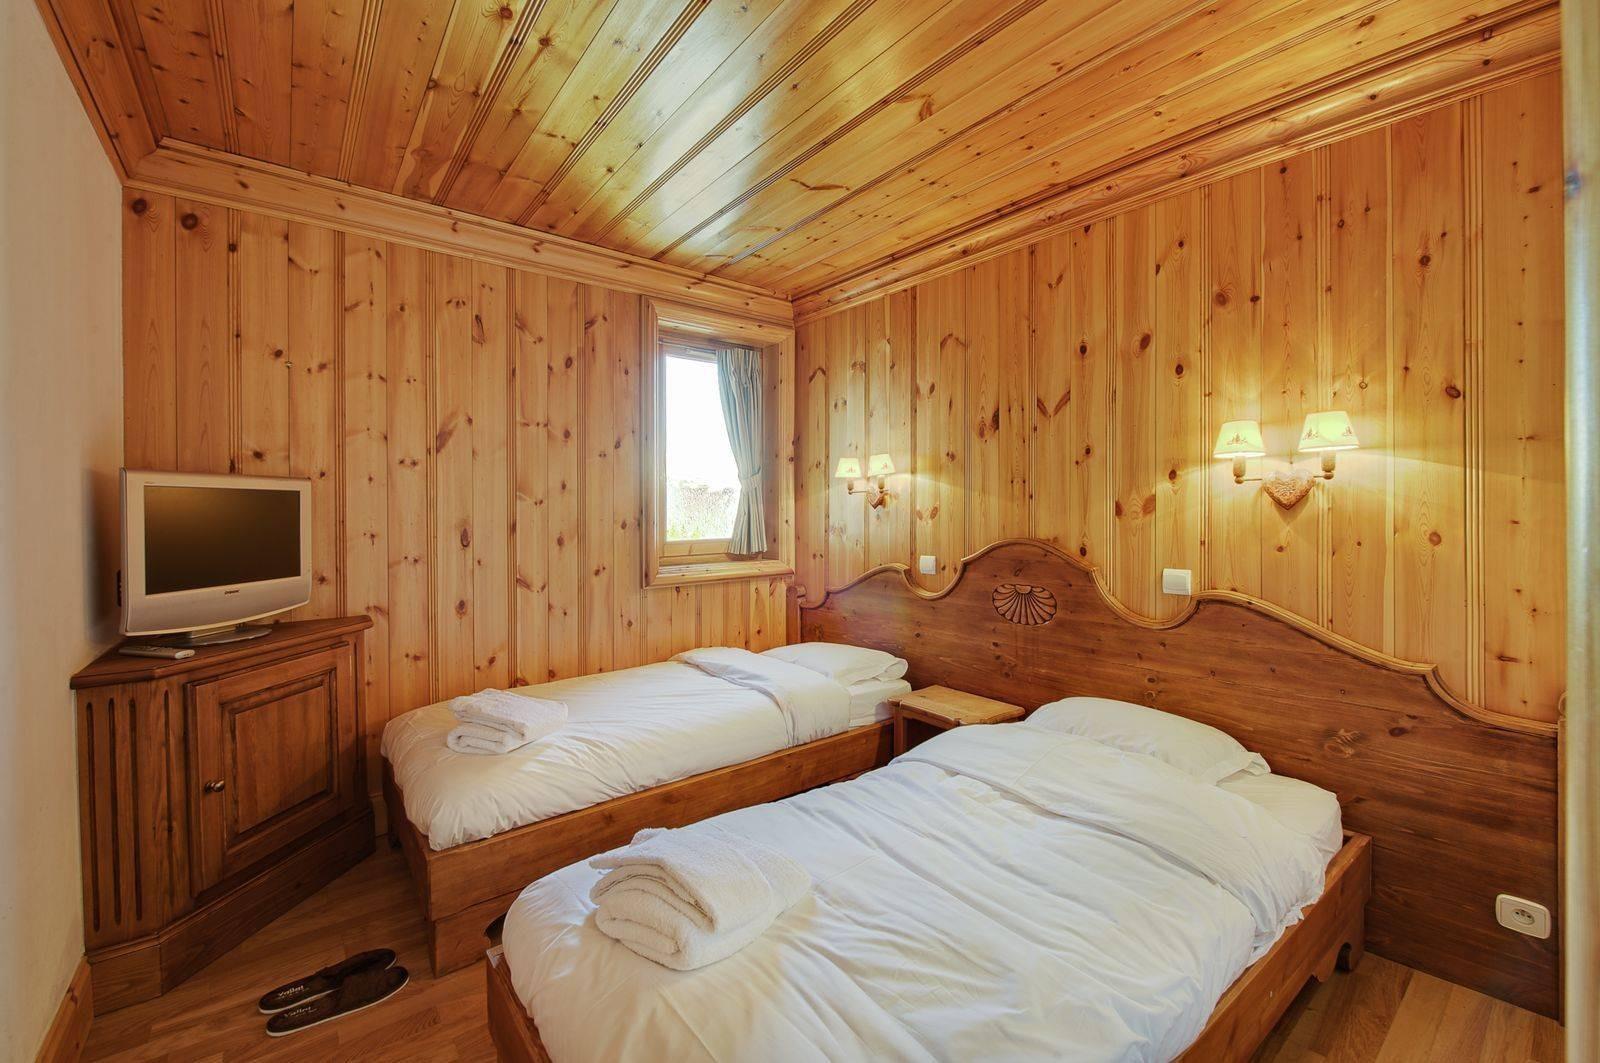 Courchevel 1850 Location Appartement Luxe Mereli Chambre 2